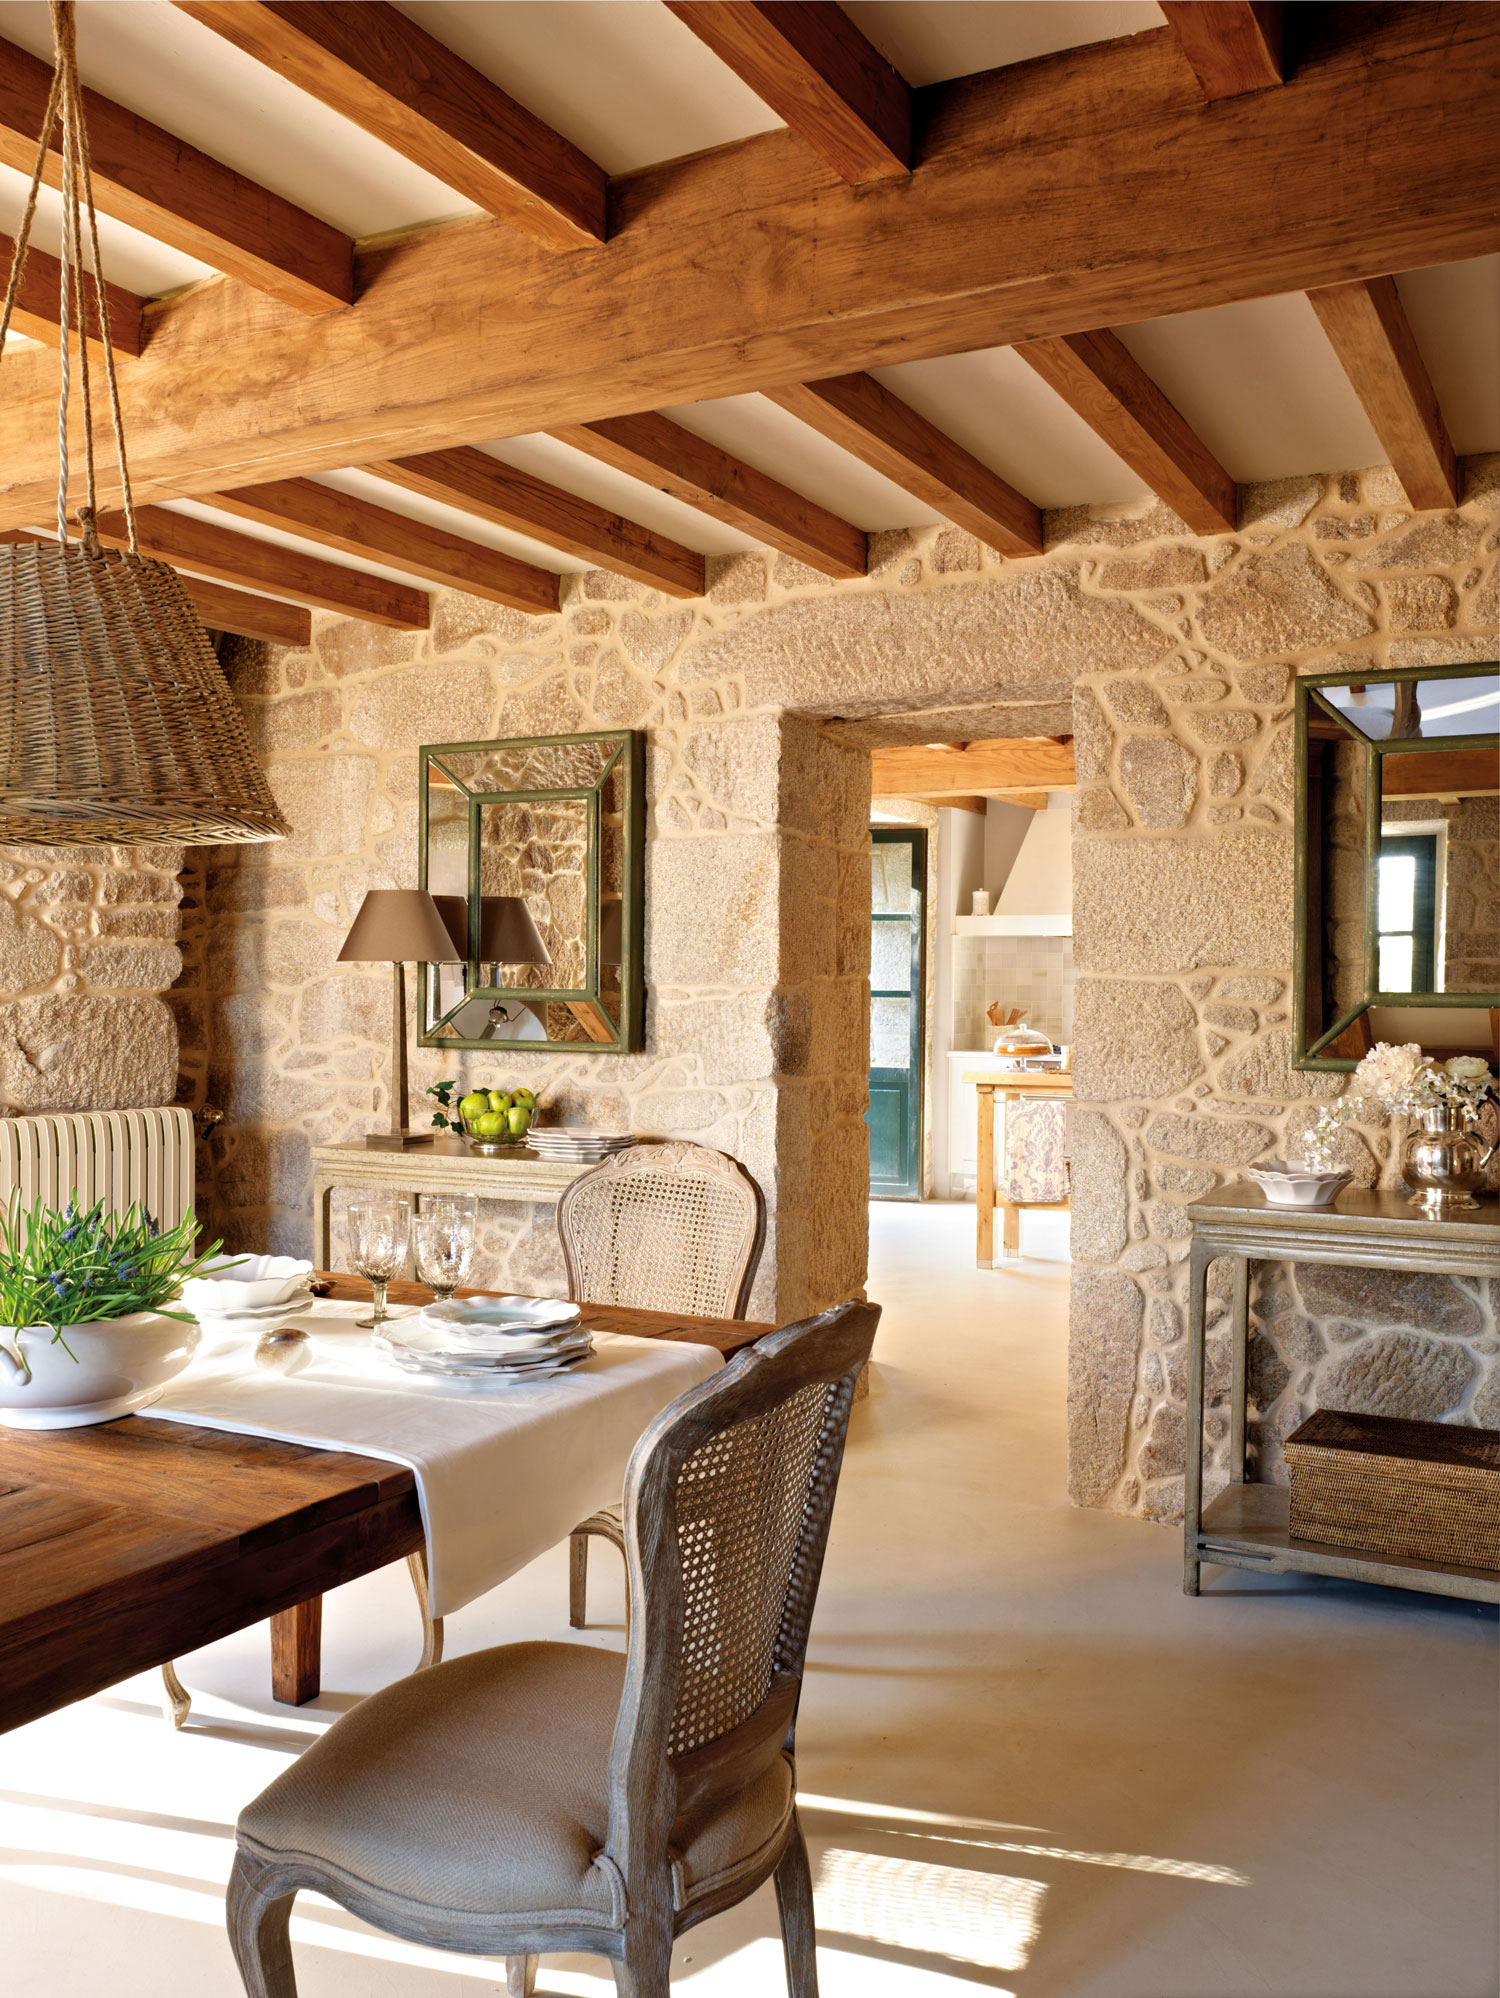 Una casa r stica con vigas de madera - Casas de campo restauradas ...